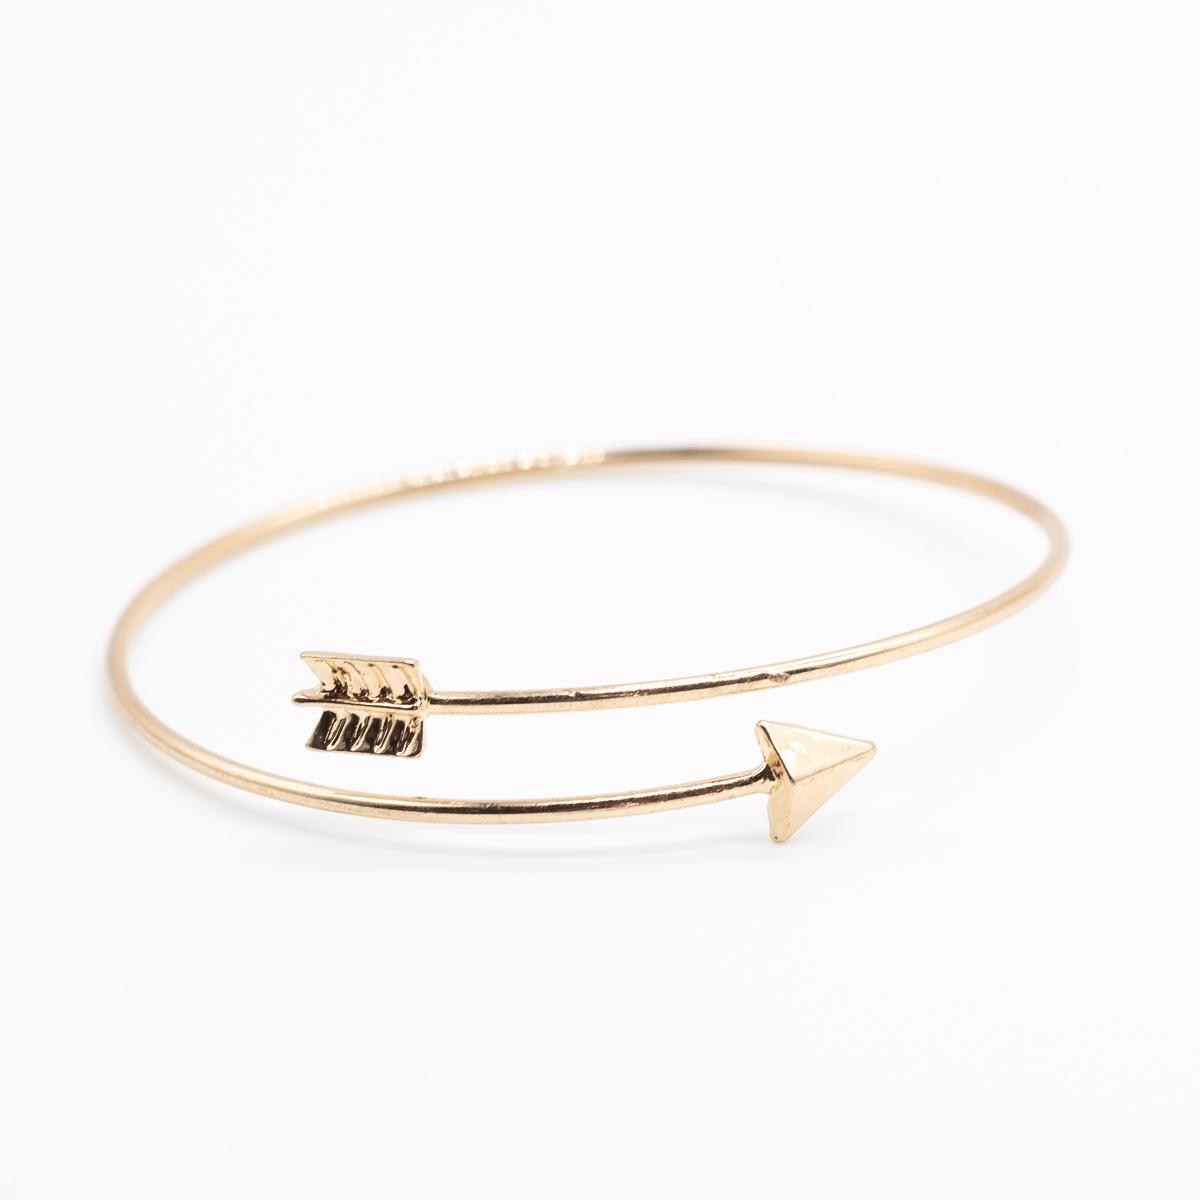 BCT-014 pijl armband goud boho